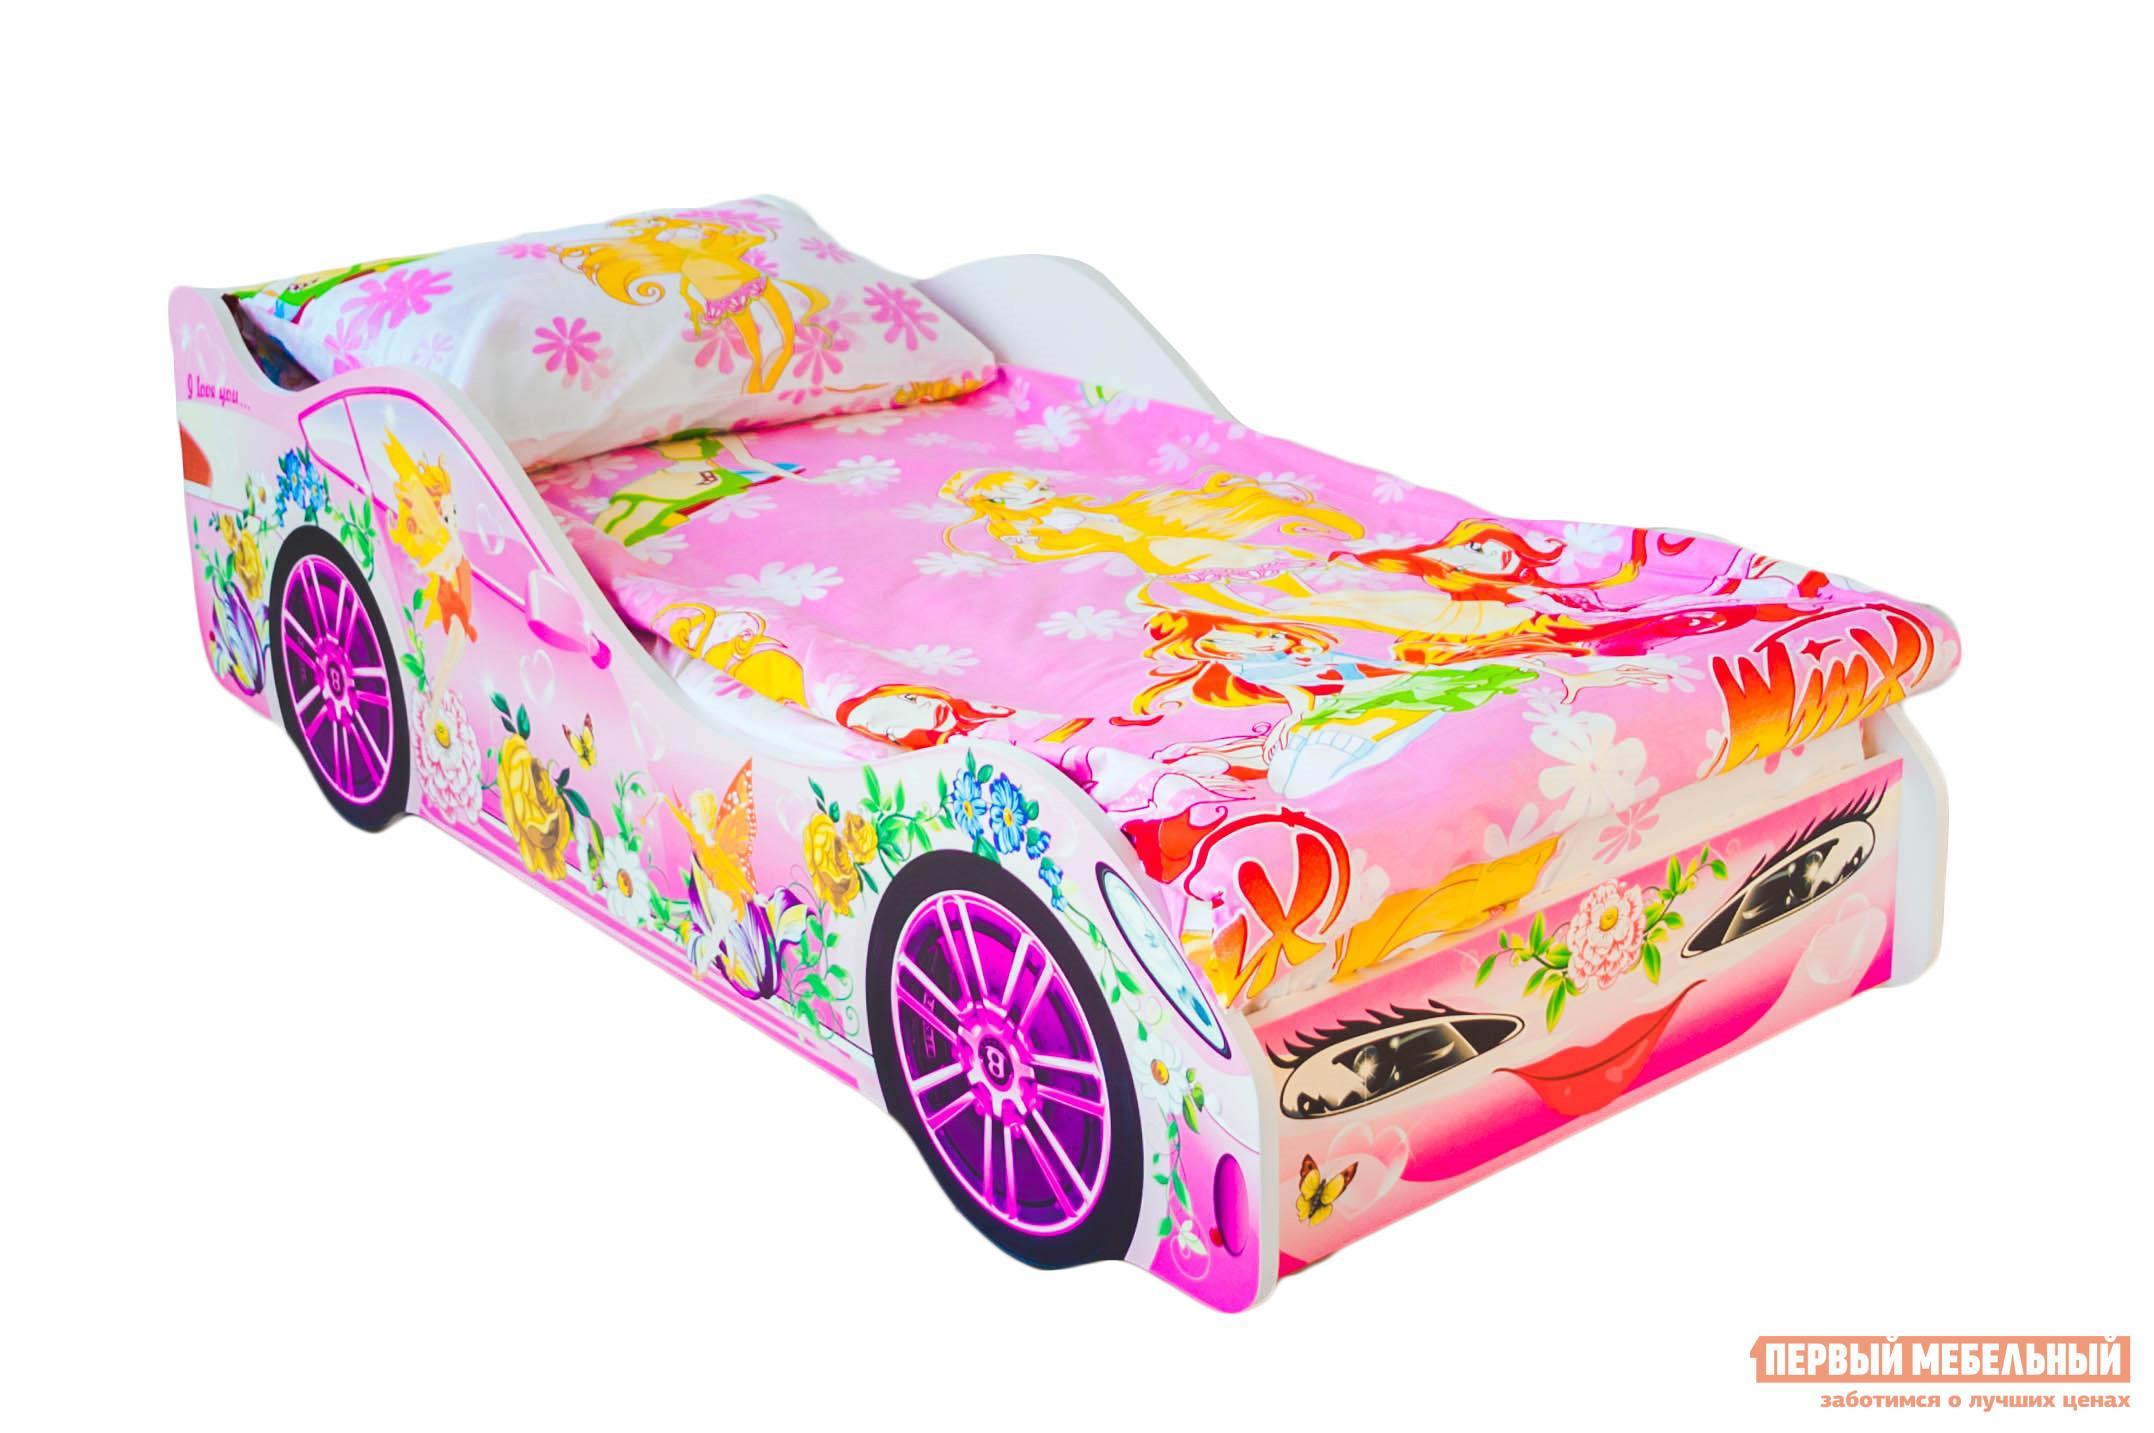 Кровать-машина Бельмарко Фея Розовый, Без матрасаКровати-машины<br>Габаритные размеры ВхШхГ 500x750x1700 мм. Яркая кроватка с нежным оформлением настроит на улыбку и крепкий сон даже самую капризную принцессу. Размер спального места составляет 700х1600 мм. Боковые линии кровати позволяют взрослому удобно сидеть, пока ребенок засыпает, при этом ребенок малыш не упадет во сне. Модель очень легко собирается в течении 10 минут. Основание под матрас — деревянные прочные латы, выдерживающие нагрузку до 200 кг.  Латы позволяют матрасу «дышать», если он намокнет — достаточно его перевернуть и он высохнет. Материал изготовления — ЛДСП класса E1 с прямой ультрафиолетовой печатью, что обеспечивает долговечность и безопасность в эксплуатации. Обратите внимание! Необходимо выбрать комплектацию: с матрасом или без. Также вы можете дополнительно заказать светодиодную подсветку дна кровати и пластиковые объемные колеса, с которыми вы можете более подробно ознакомиться во вкладке «Аксессуары».<br><br>Цвет: Розовый<br>Цвет: Розовый<br>Высота мм: 500<br>Ширина мм: 750<br>Глубина мм: 1700<br>Кол-во упаковок: 2<br>Форма поставки: В разобранном виде<br>Срок гарантии: 1 год<br>Материал: Деревянные, из ЛДСП<br>Особенности: С бортиками, С колесами, С матрасом, С подсветкой<br>Возраст: От 3-х лет<br>Пол: Для девочек